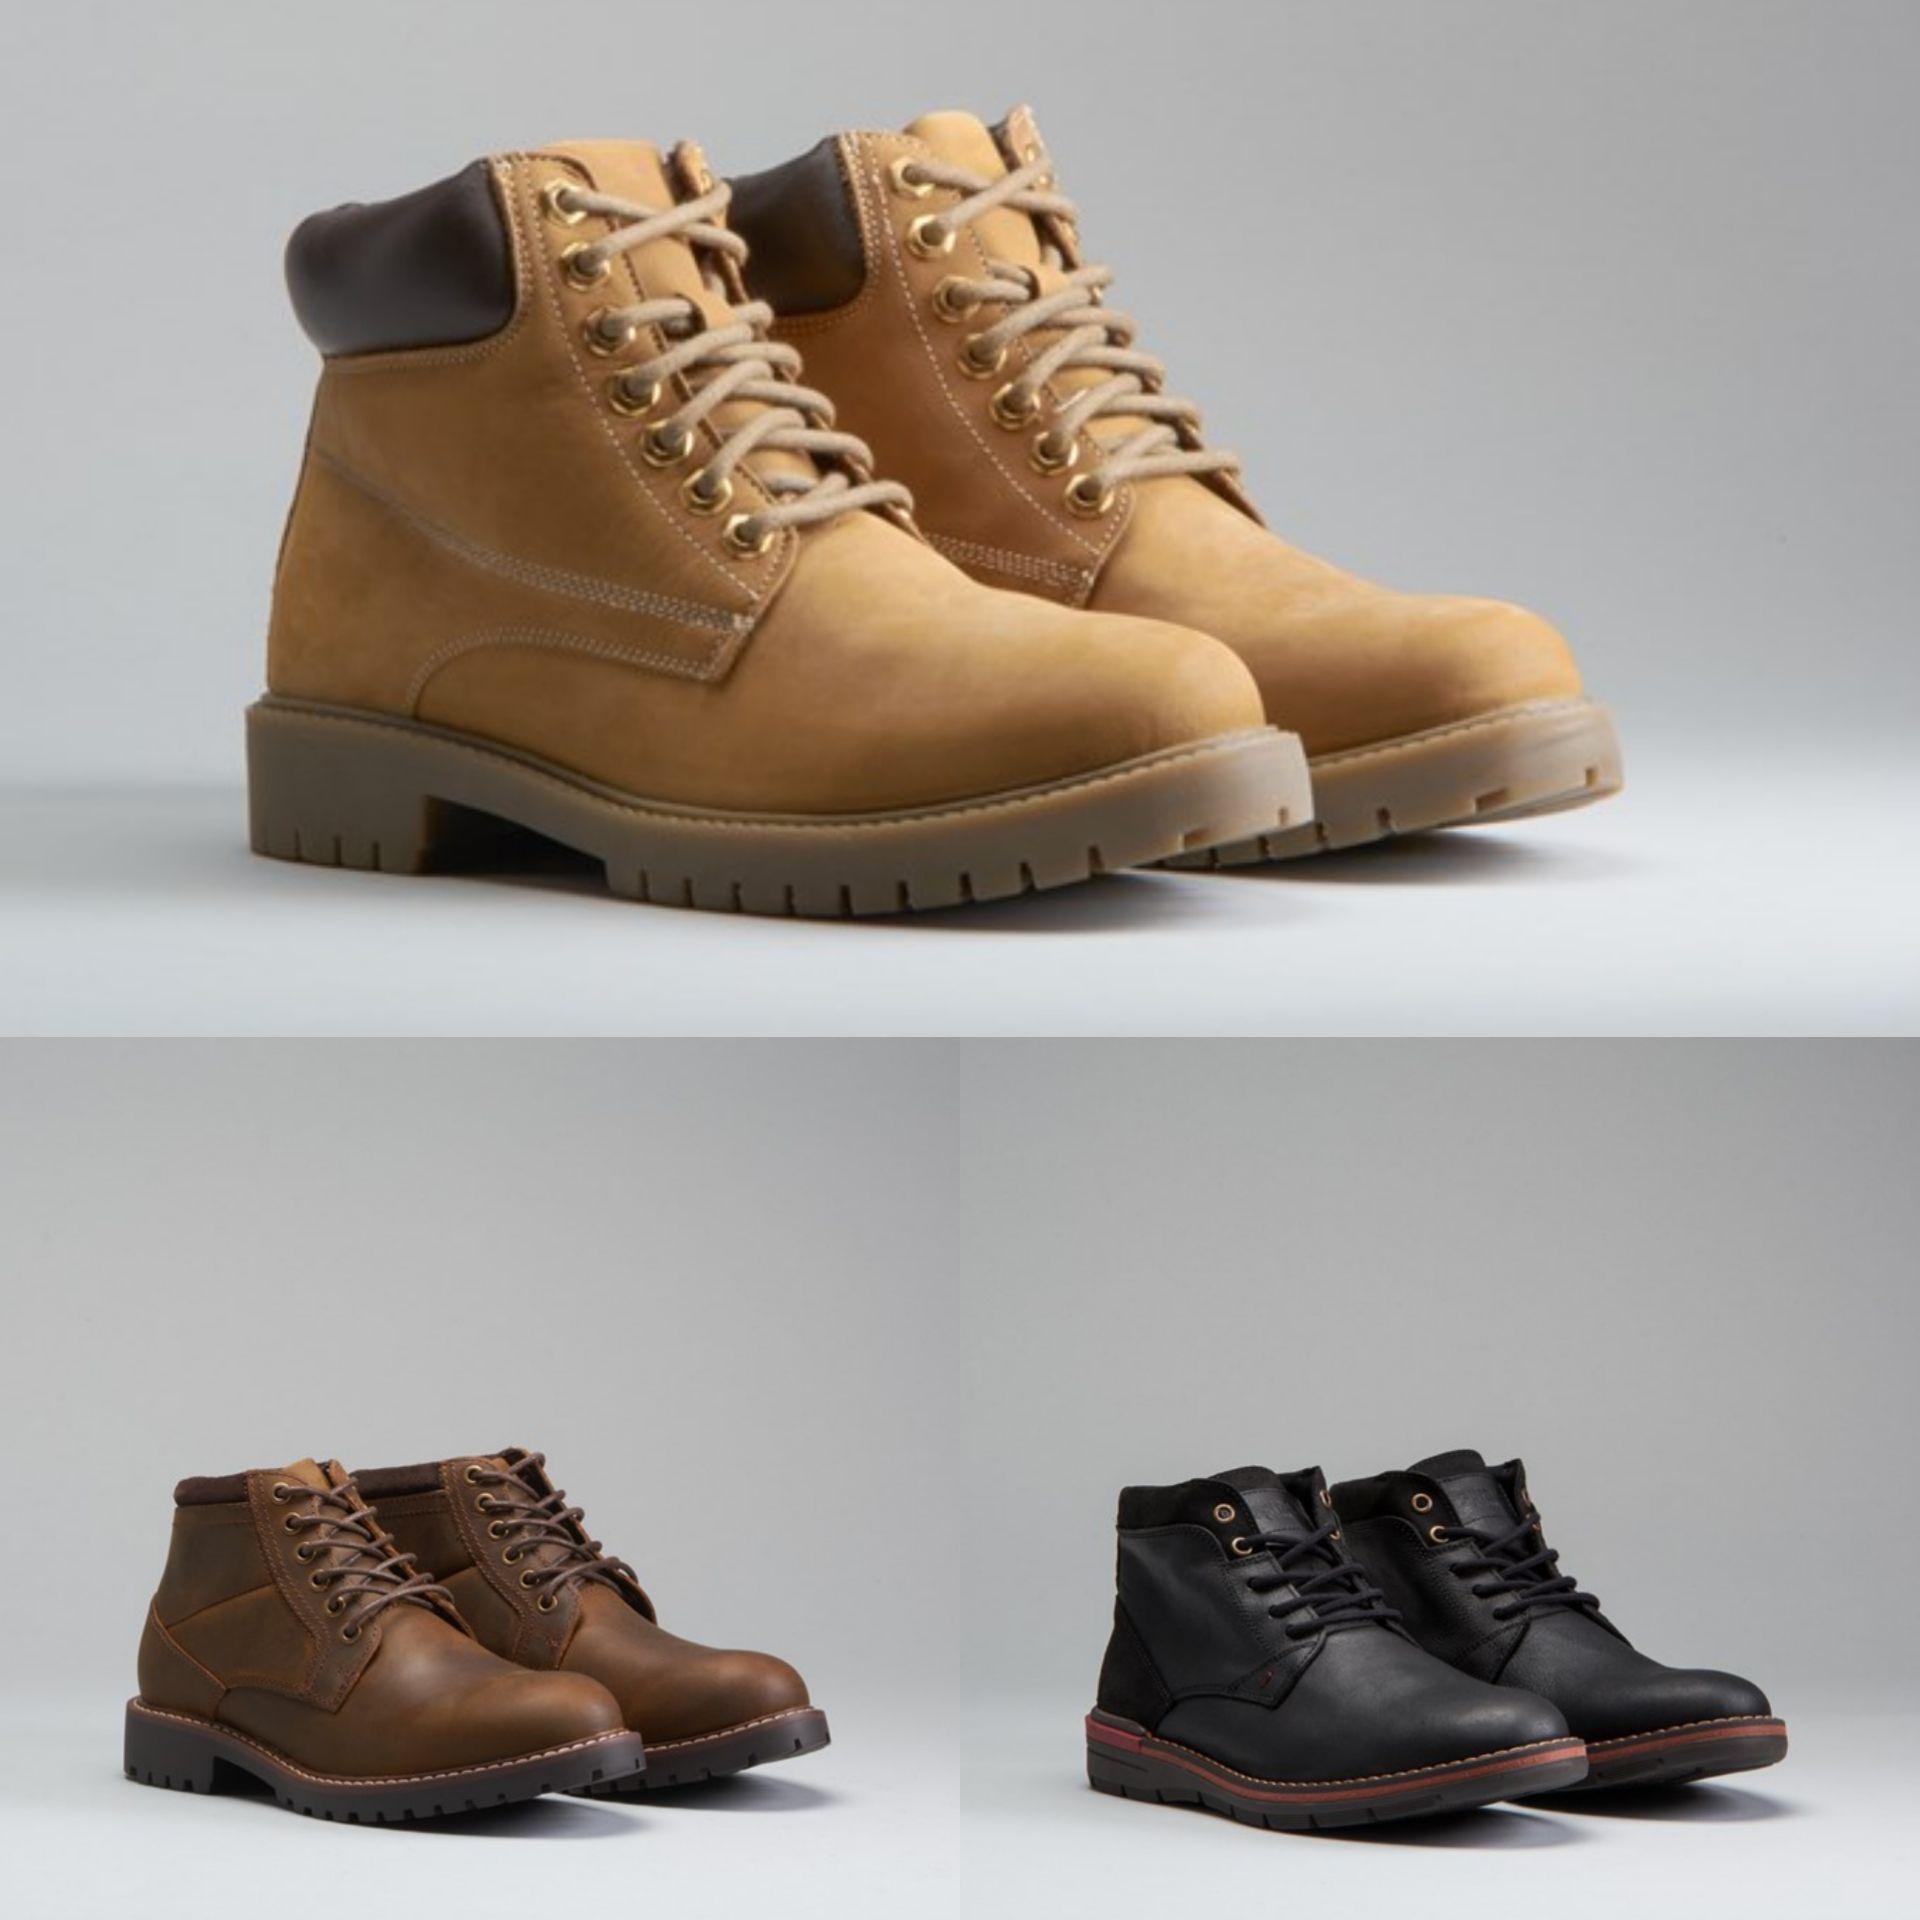 Botas de piel para Hombre por 19,99€ - Varios Modelos en Descripción